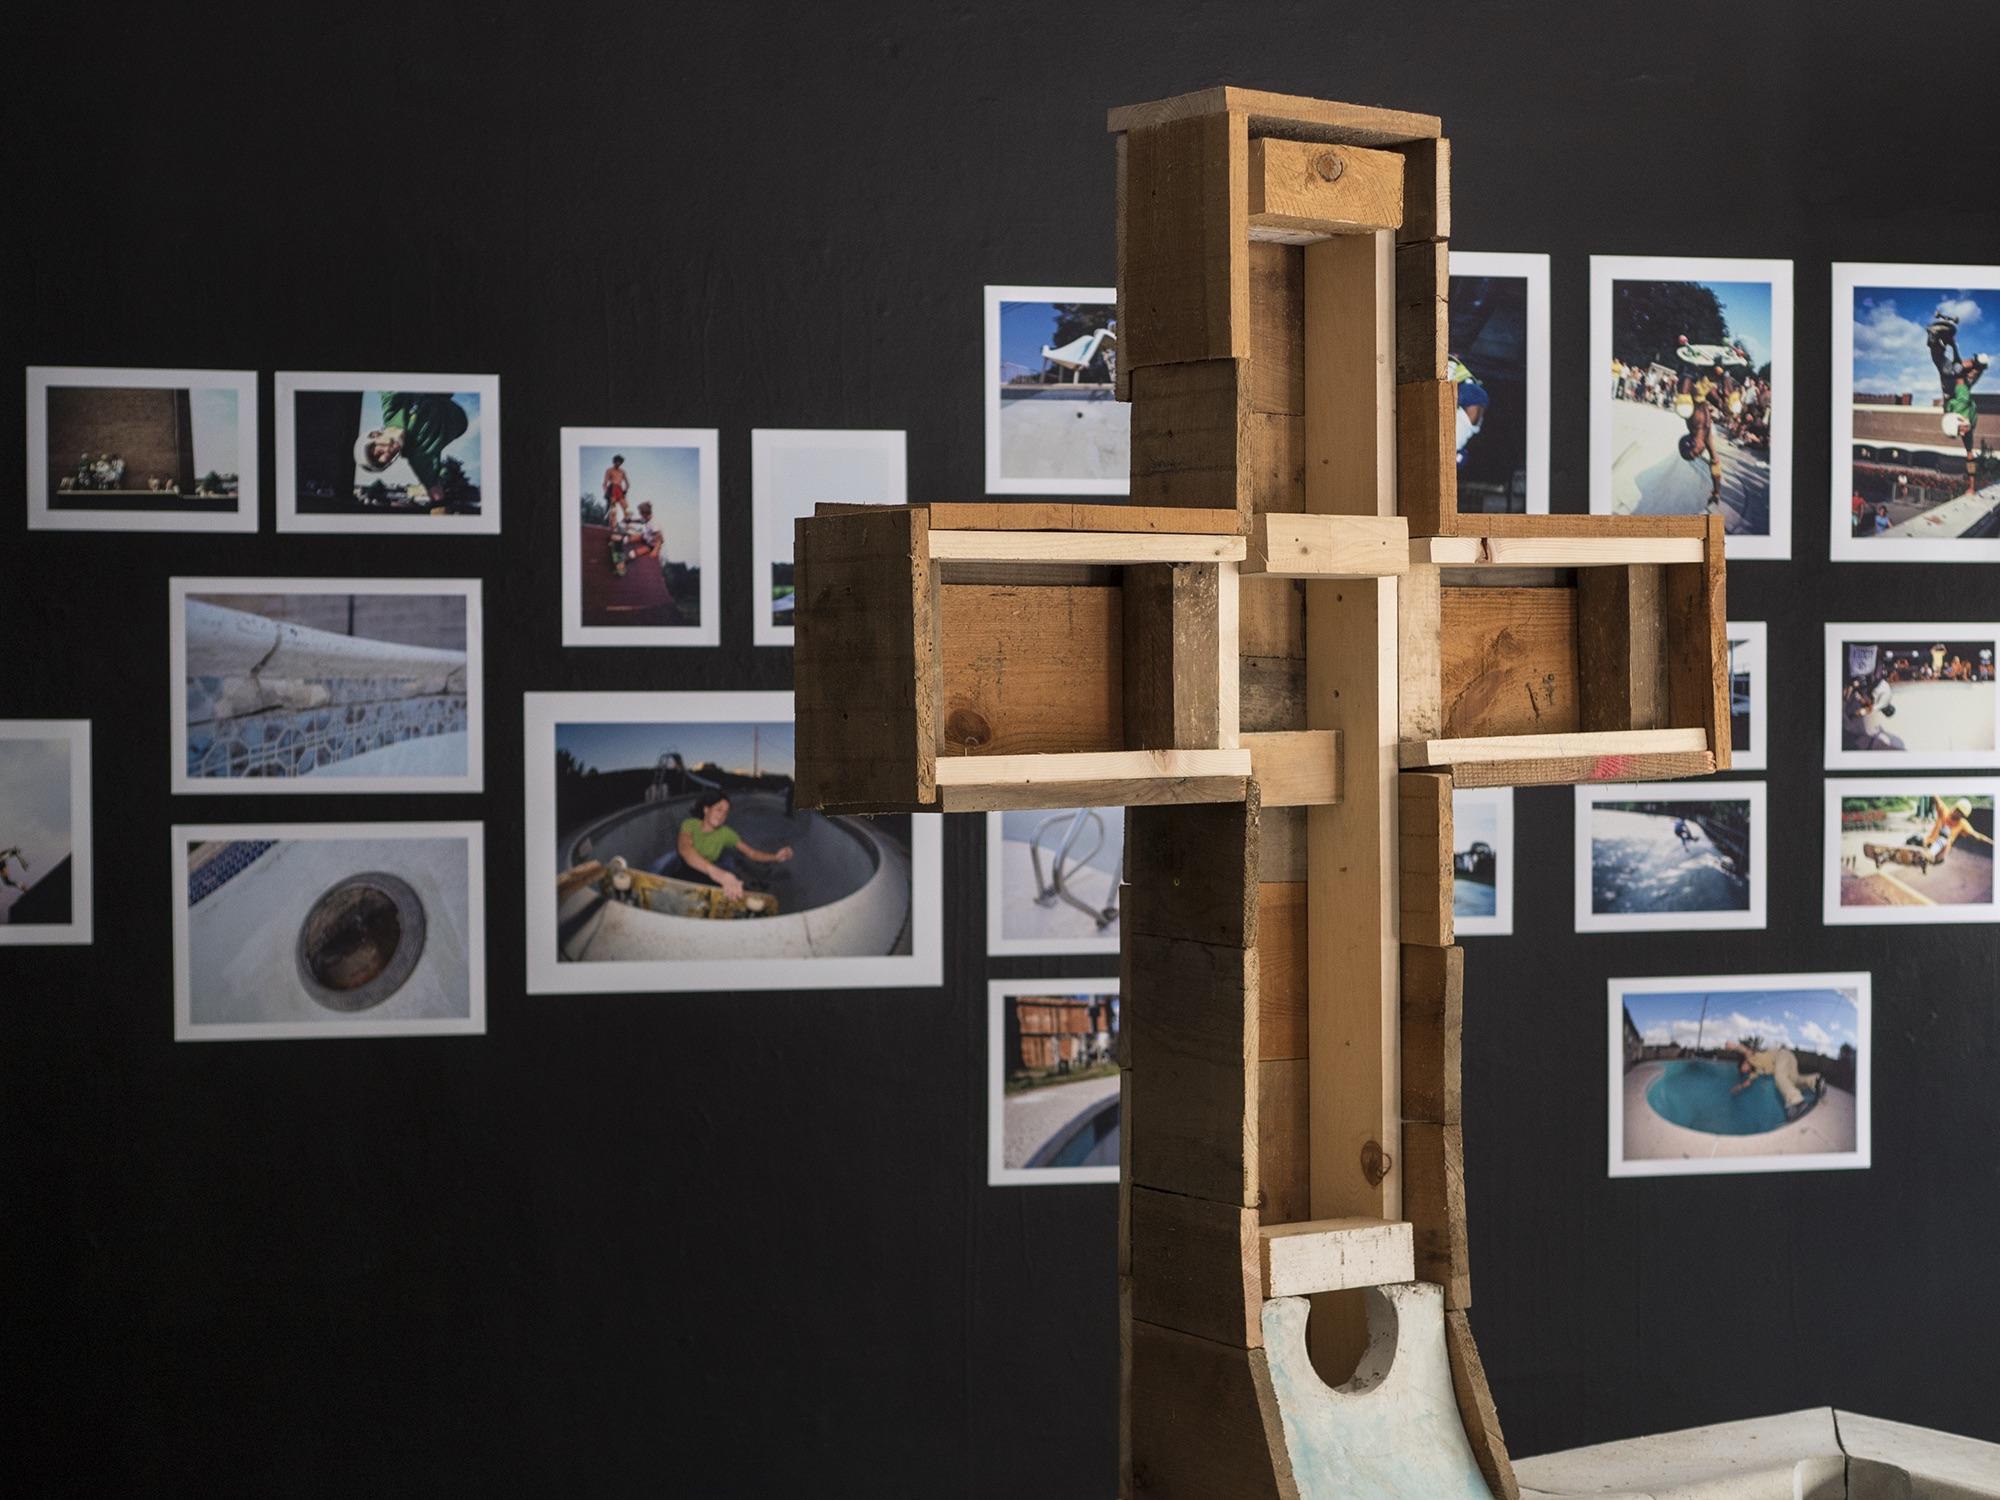 Das alte Kreuz wurde beim Abschied vom NT-Areal verbrannt, für die Ausstellung hat man es wieder konstruiert.